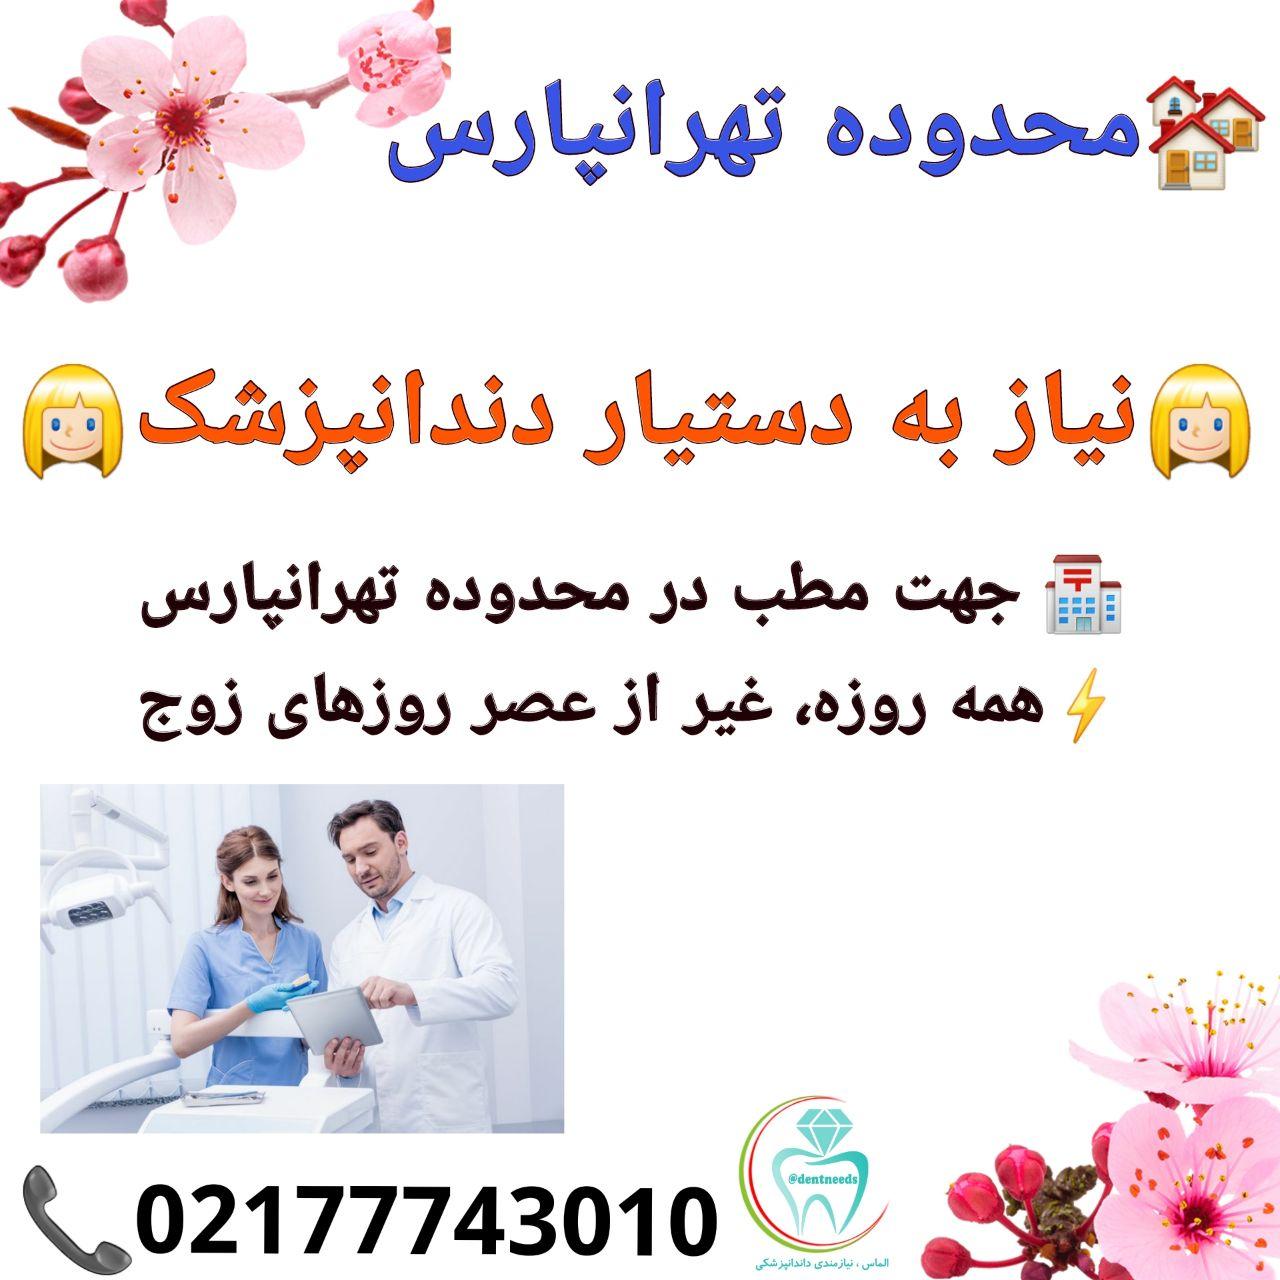 محدوده تهرانپارس، نیاز به دستیار دندانپزشک